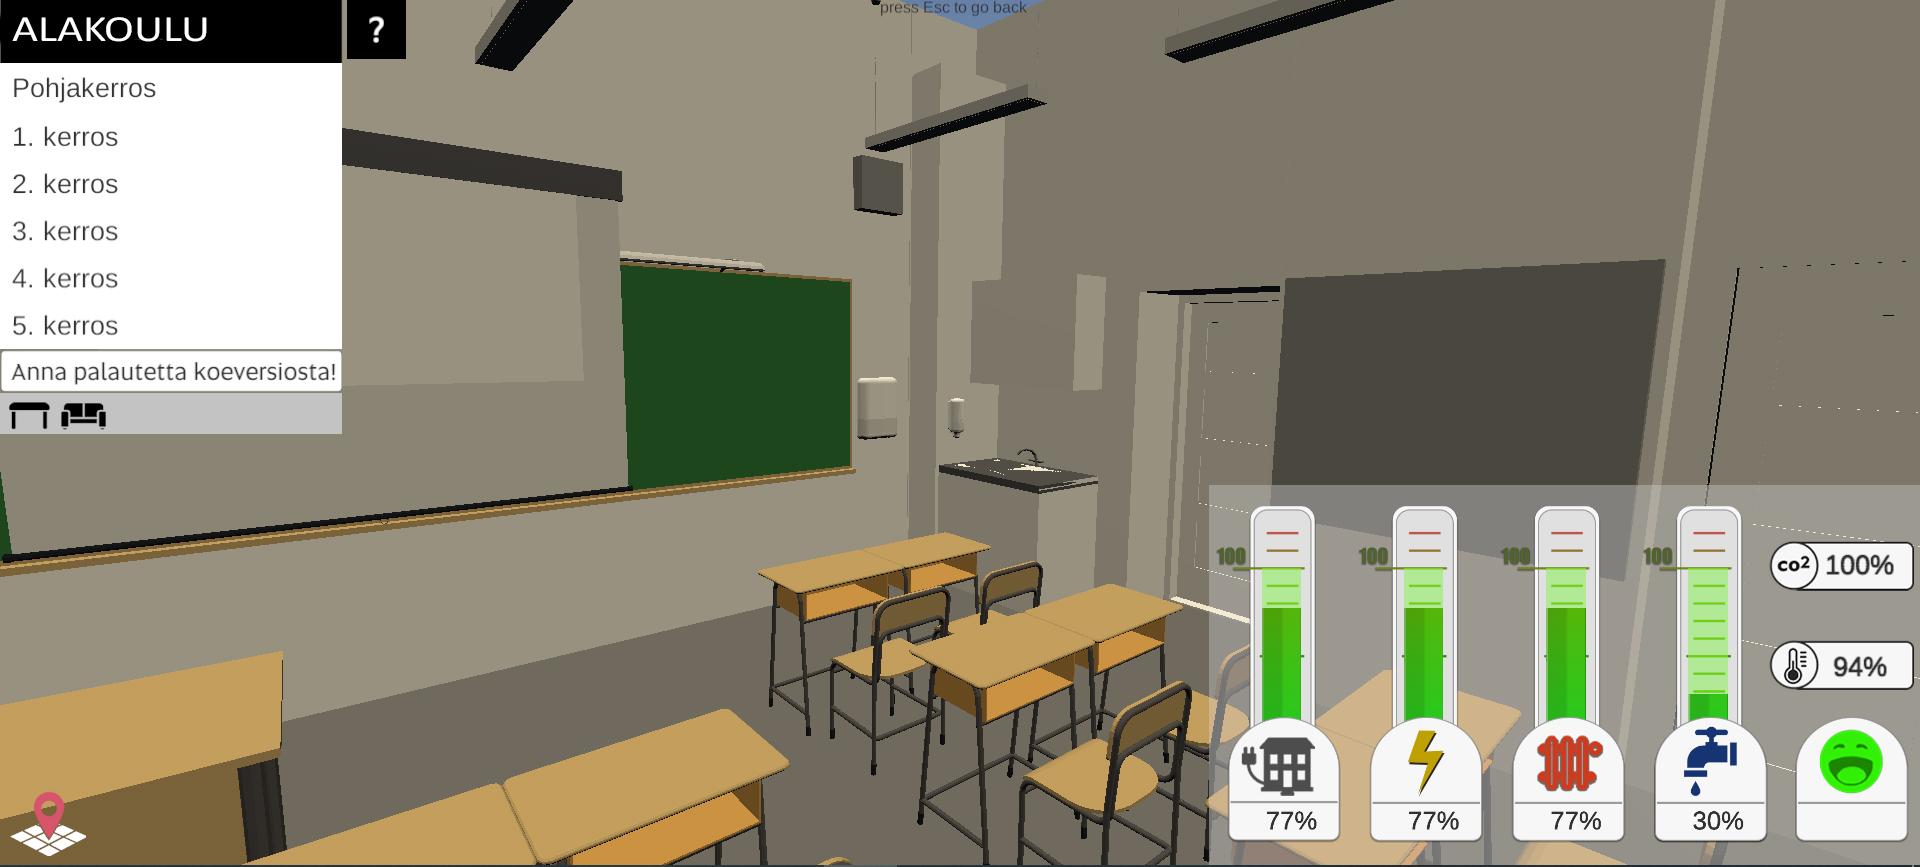 Kävelynäkymä alakoulun digitaaliseen malliin, näkymä luokan sisältä